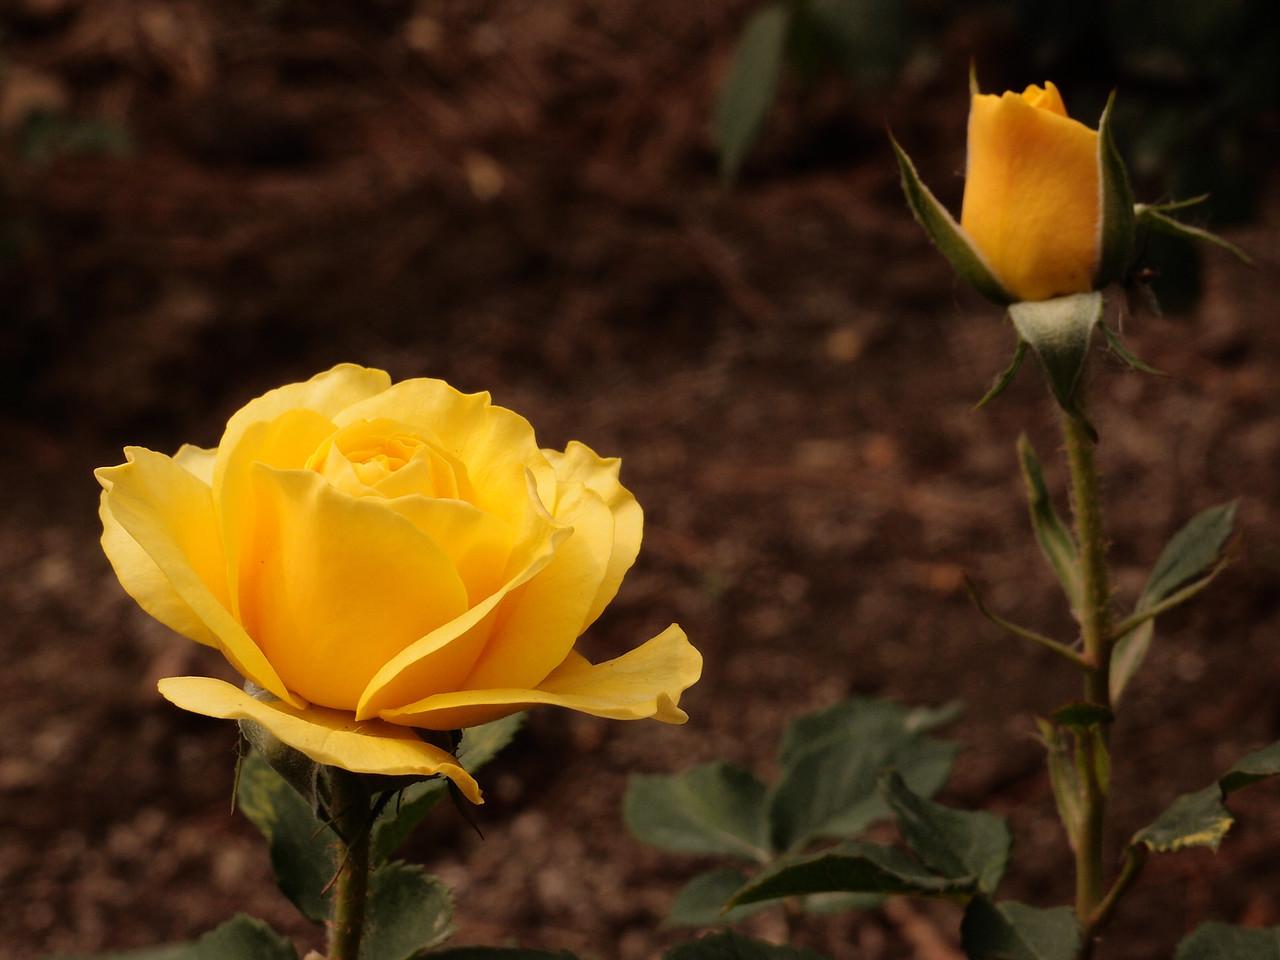 20120513_1339_0350 rose